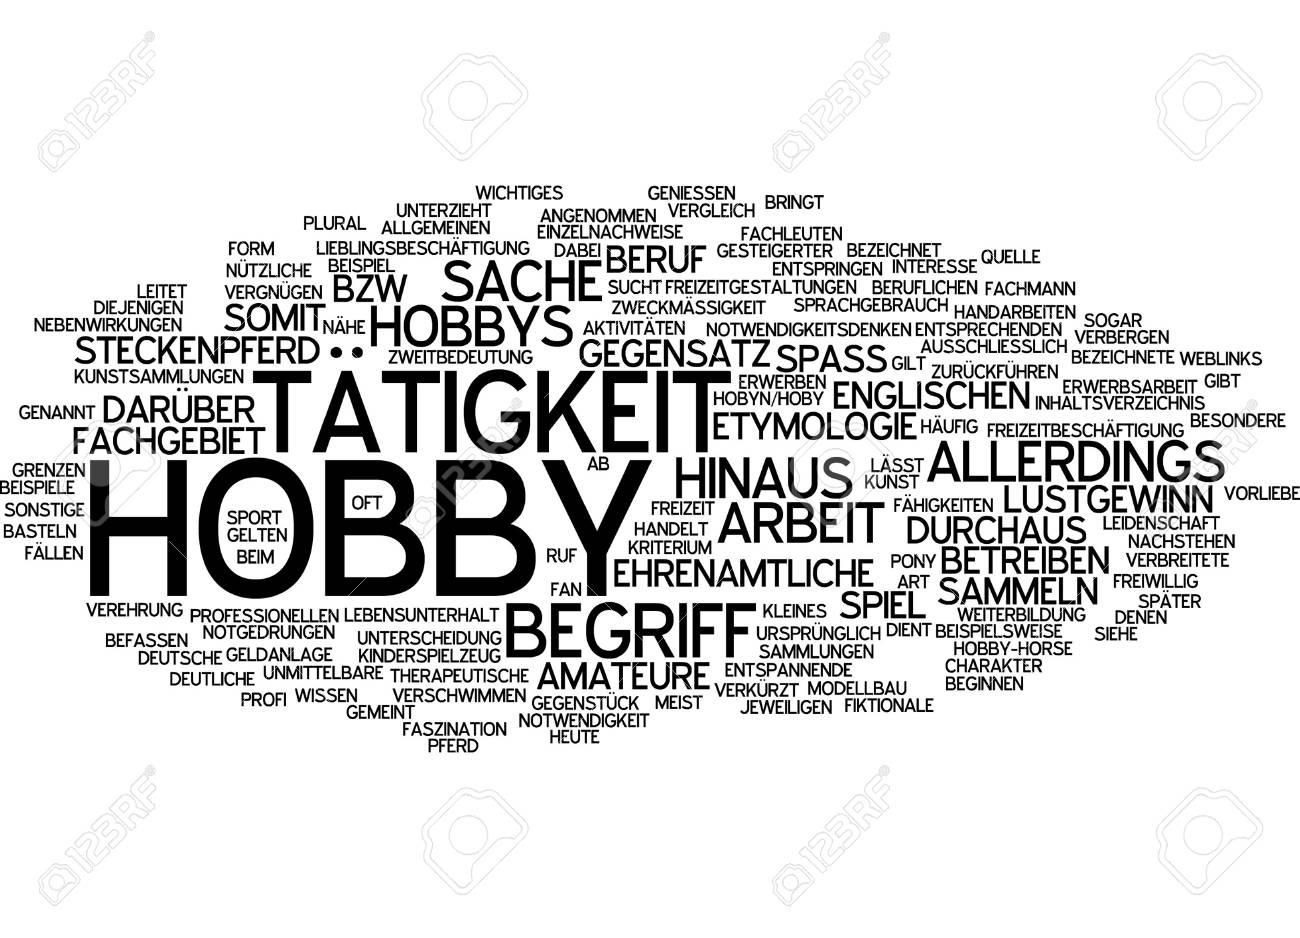 hobbies beispiele